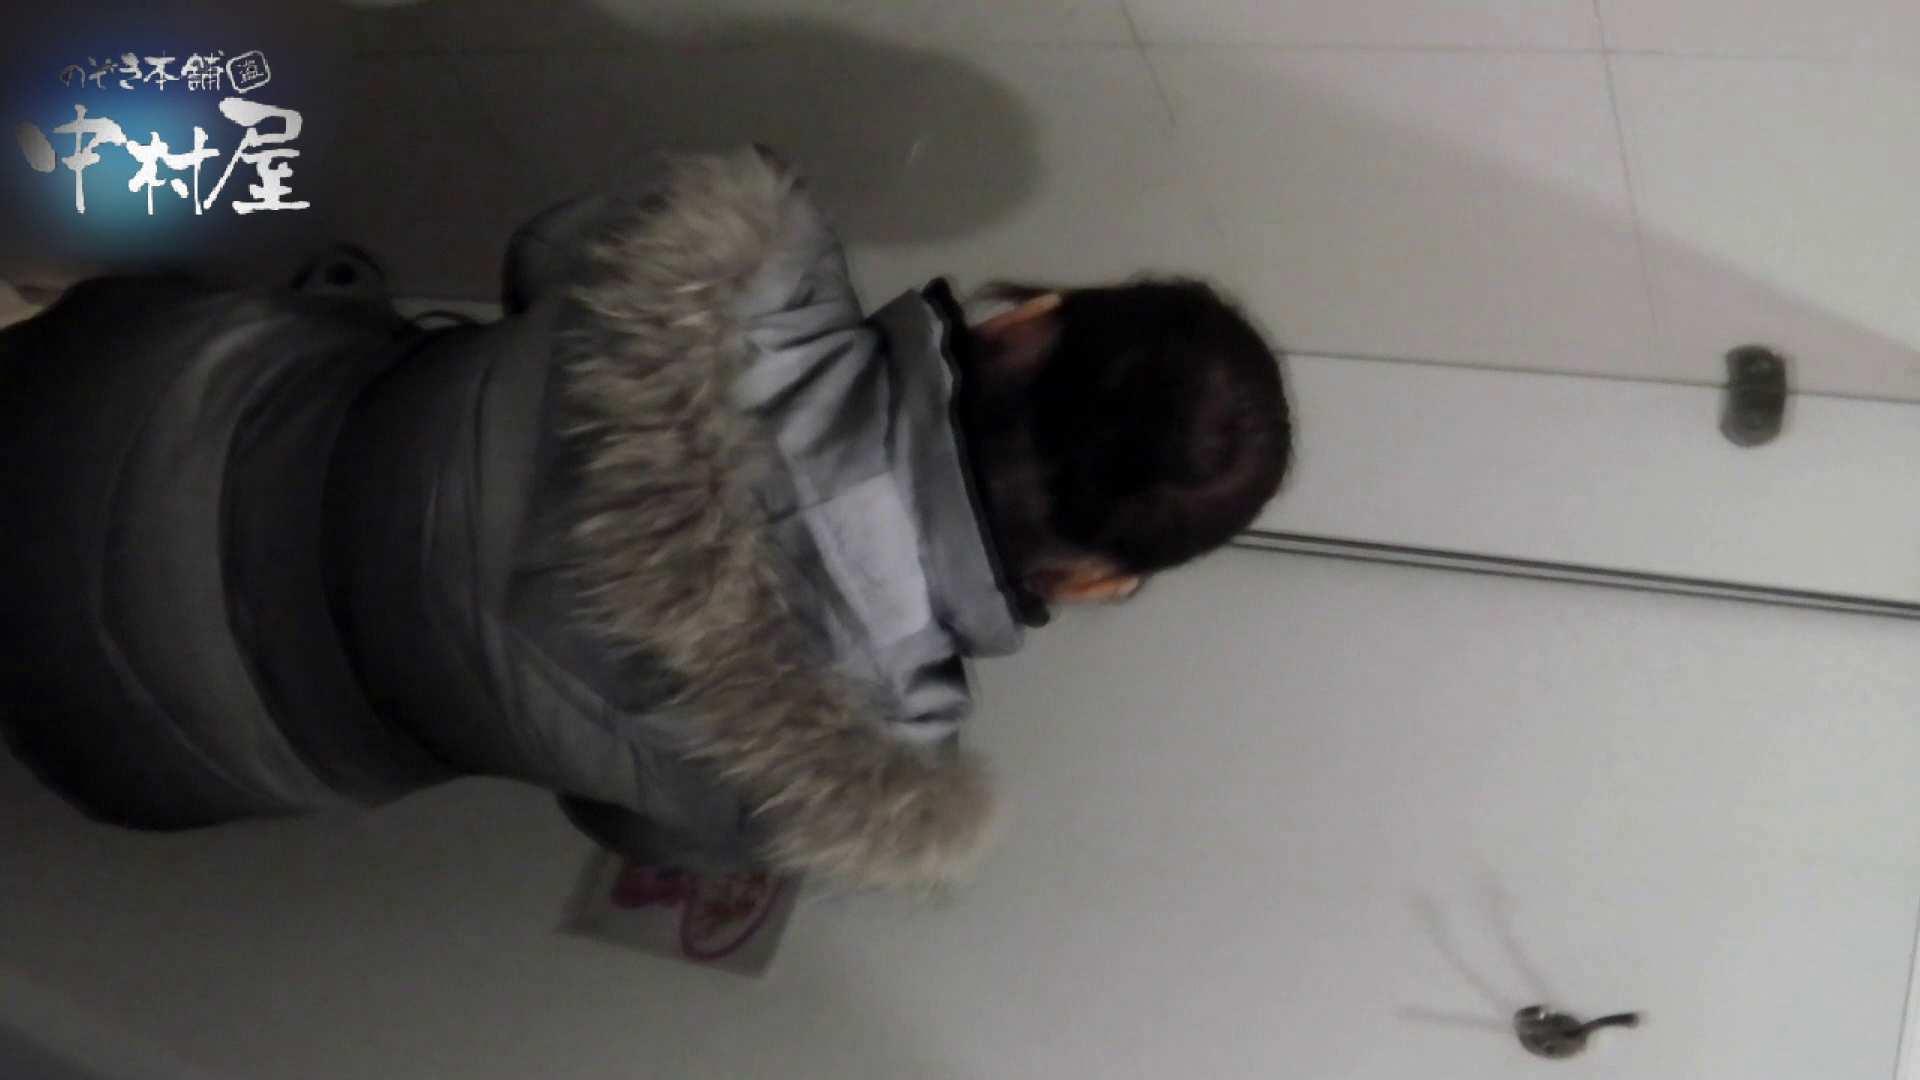 乙女集まる!ショッピングモール潜入撮vol.11 丸見え AV無料動画キャプチャ 78pic 11